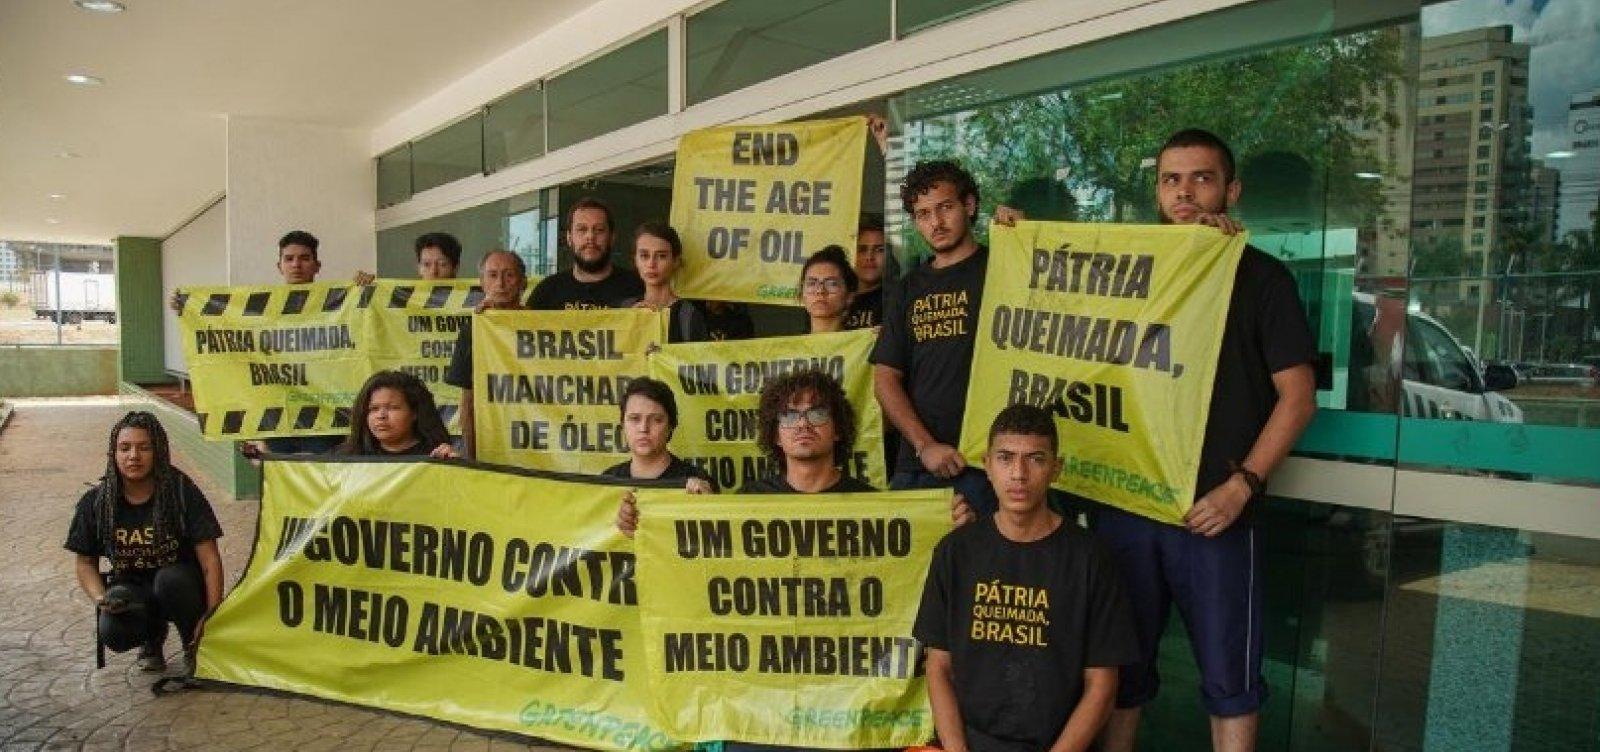 Ativistas do Greenpeace que protestaram em Brasília são presos